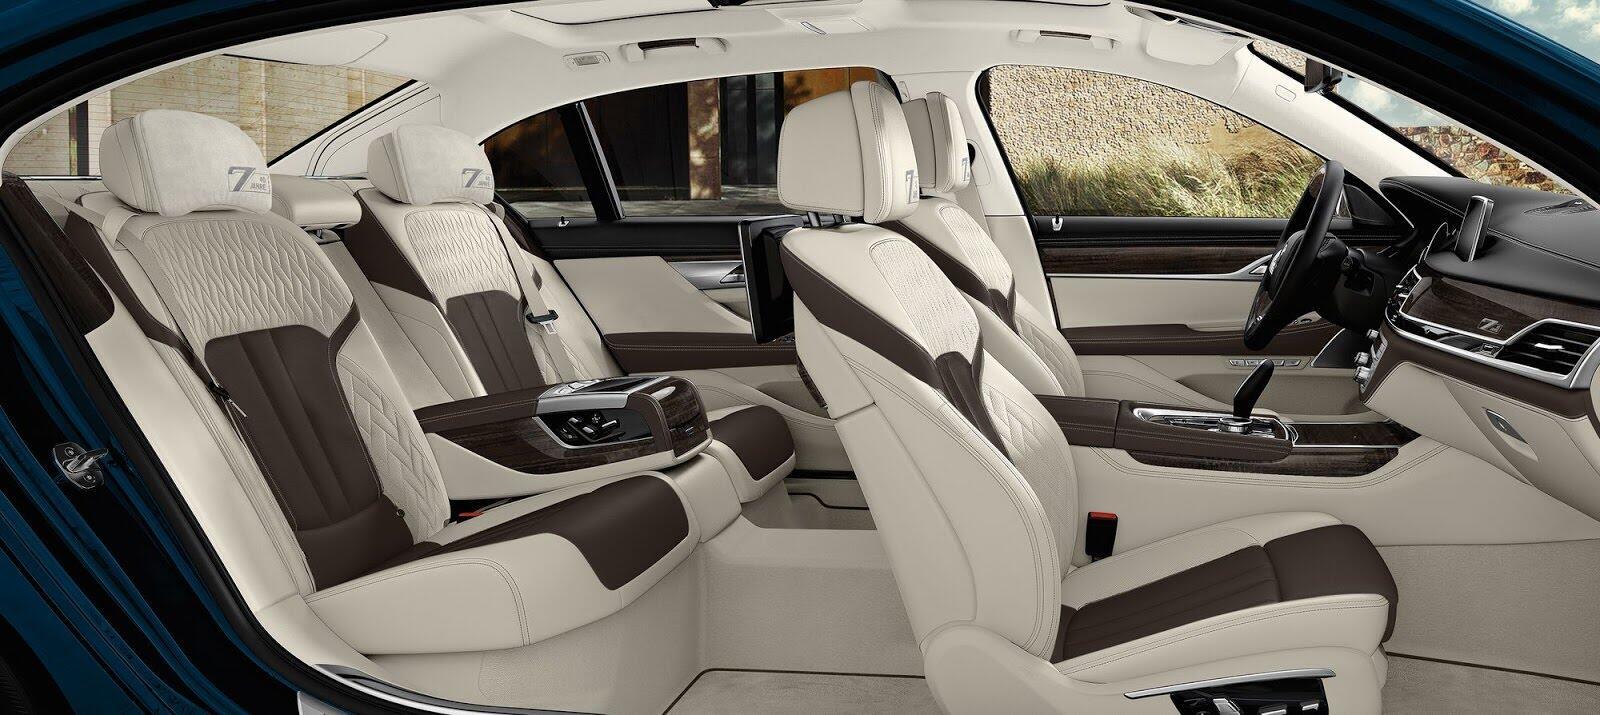 BMW 7-Series ra mắt phiên bản kỷ niệm chỉ 200 chiếc - Hình 7